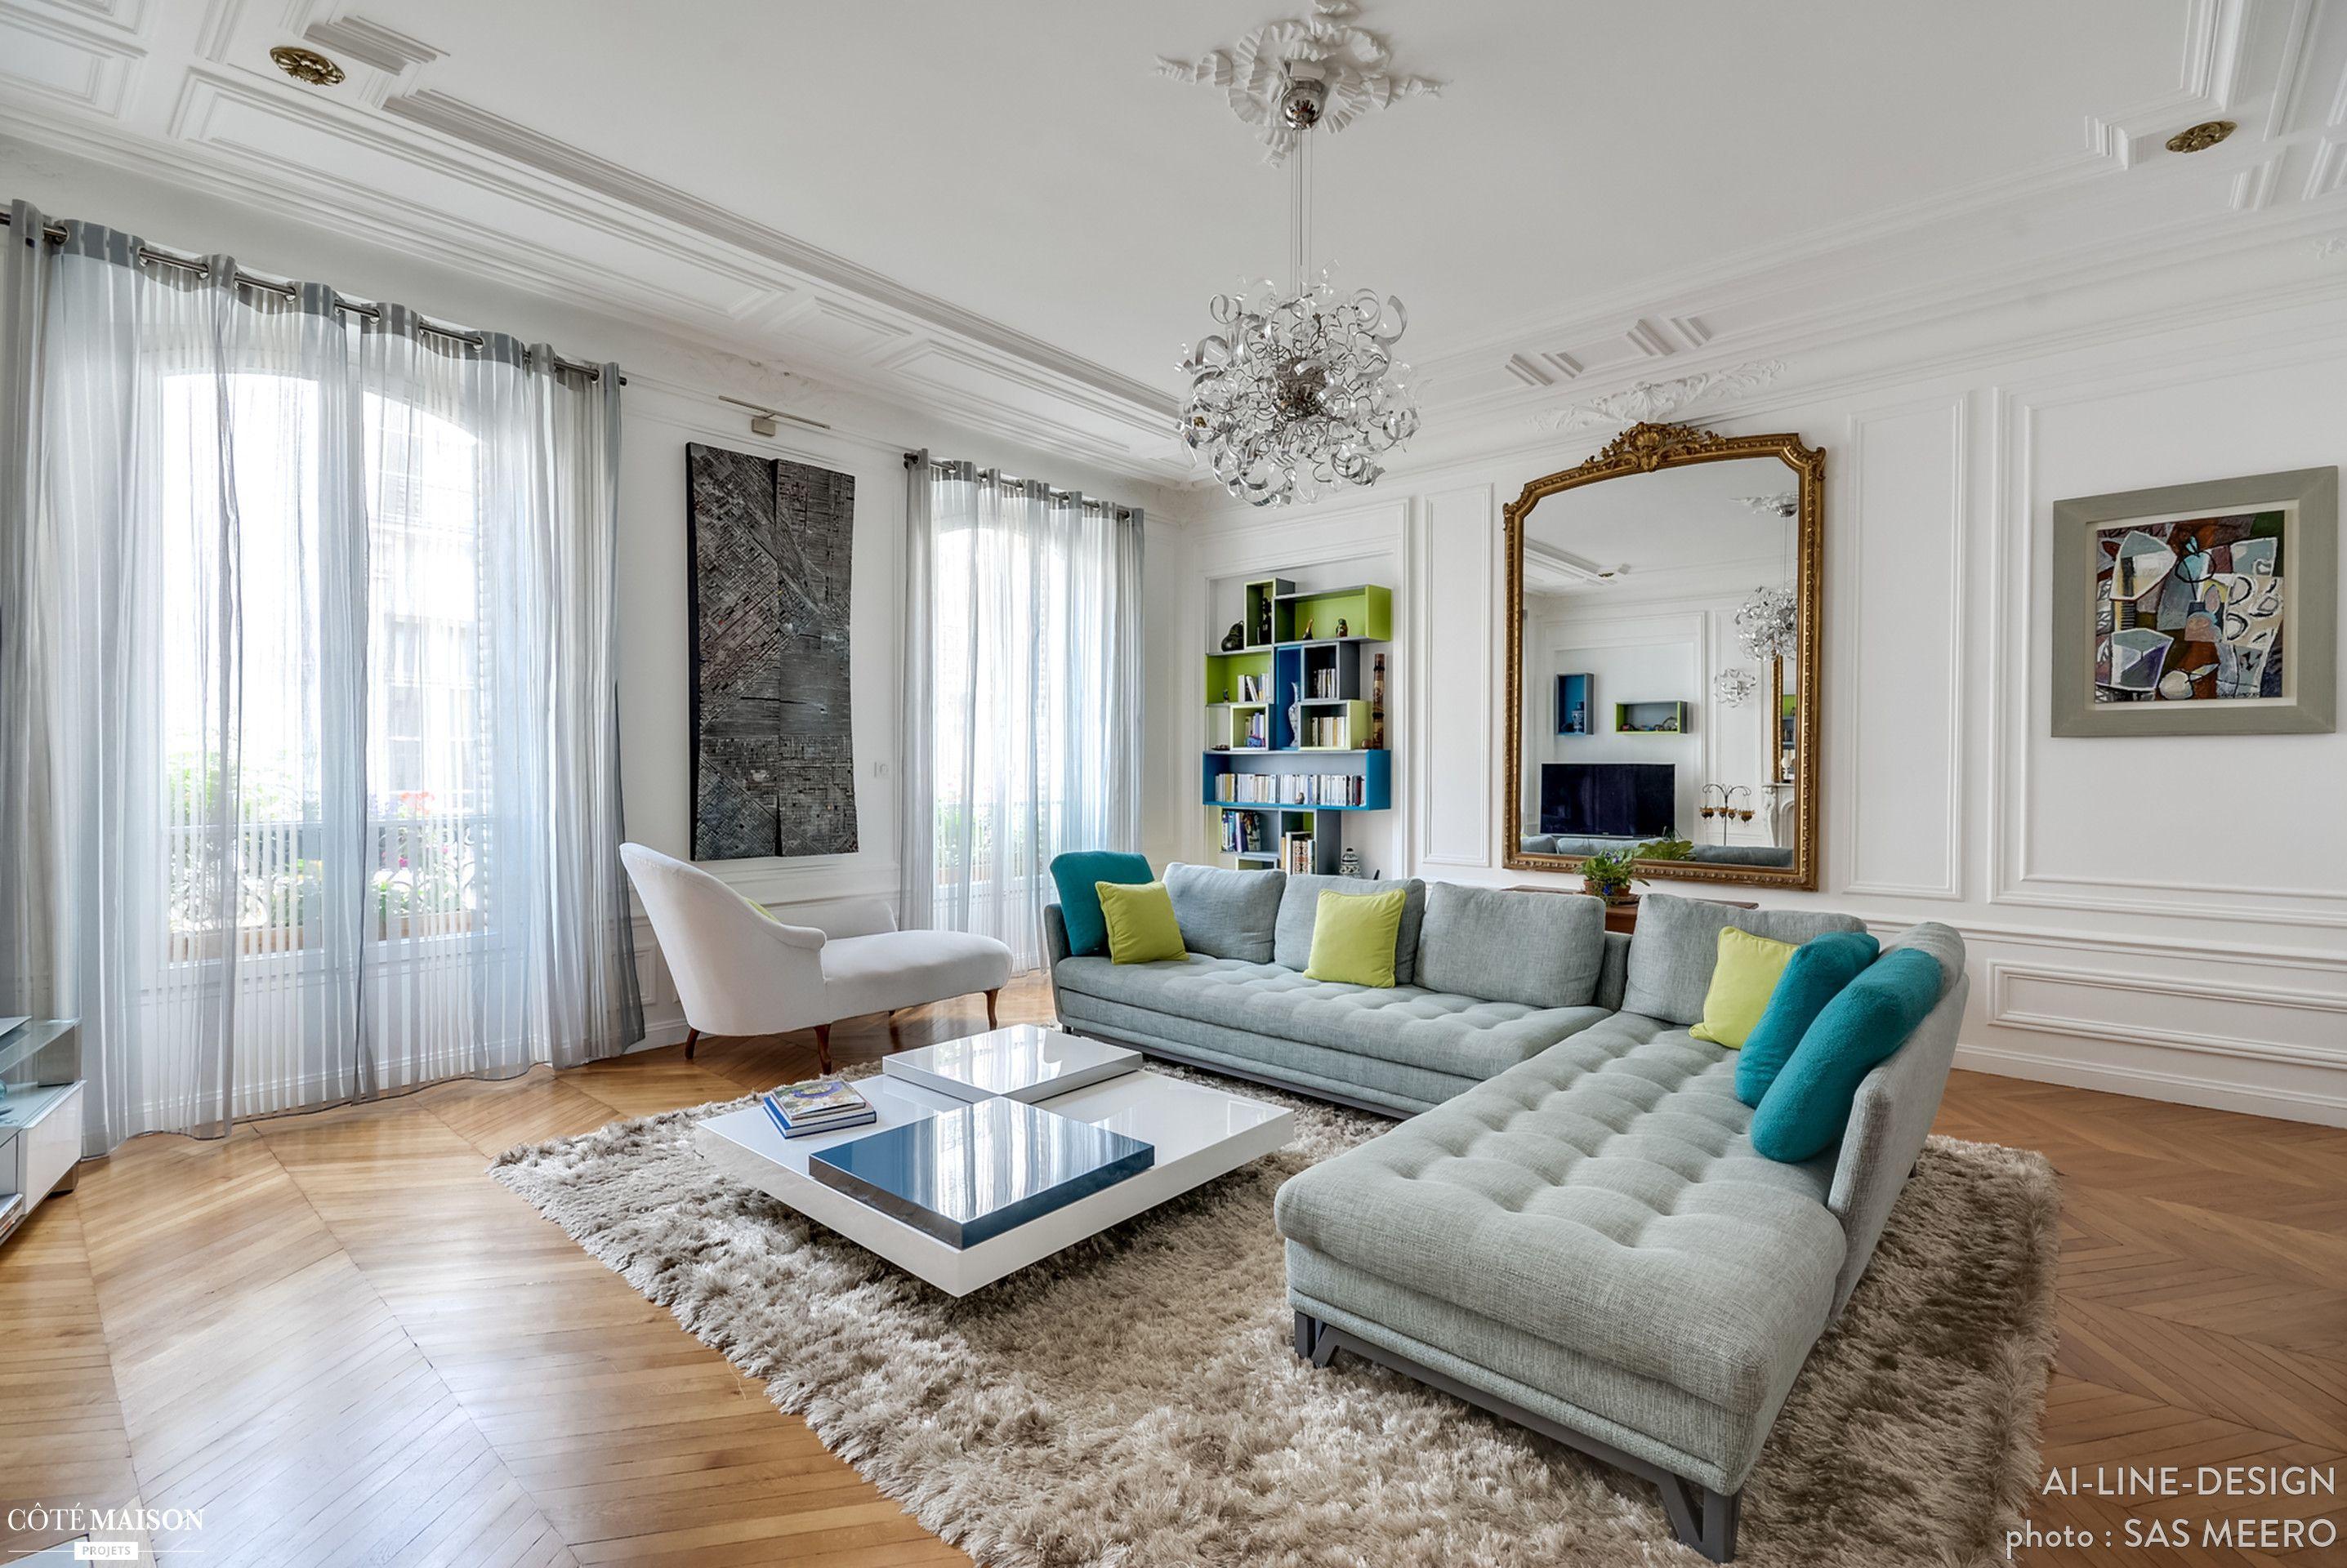 Appartement rue du Fbg Poissonnière, Paris, AI-line-design ...